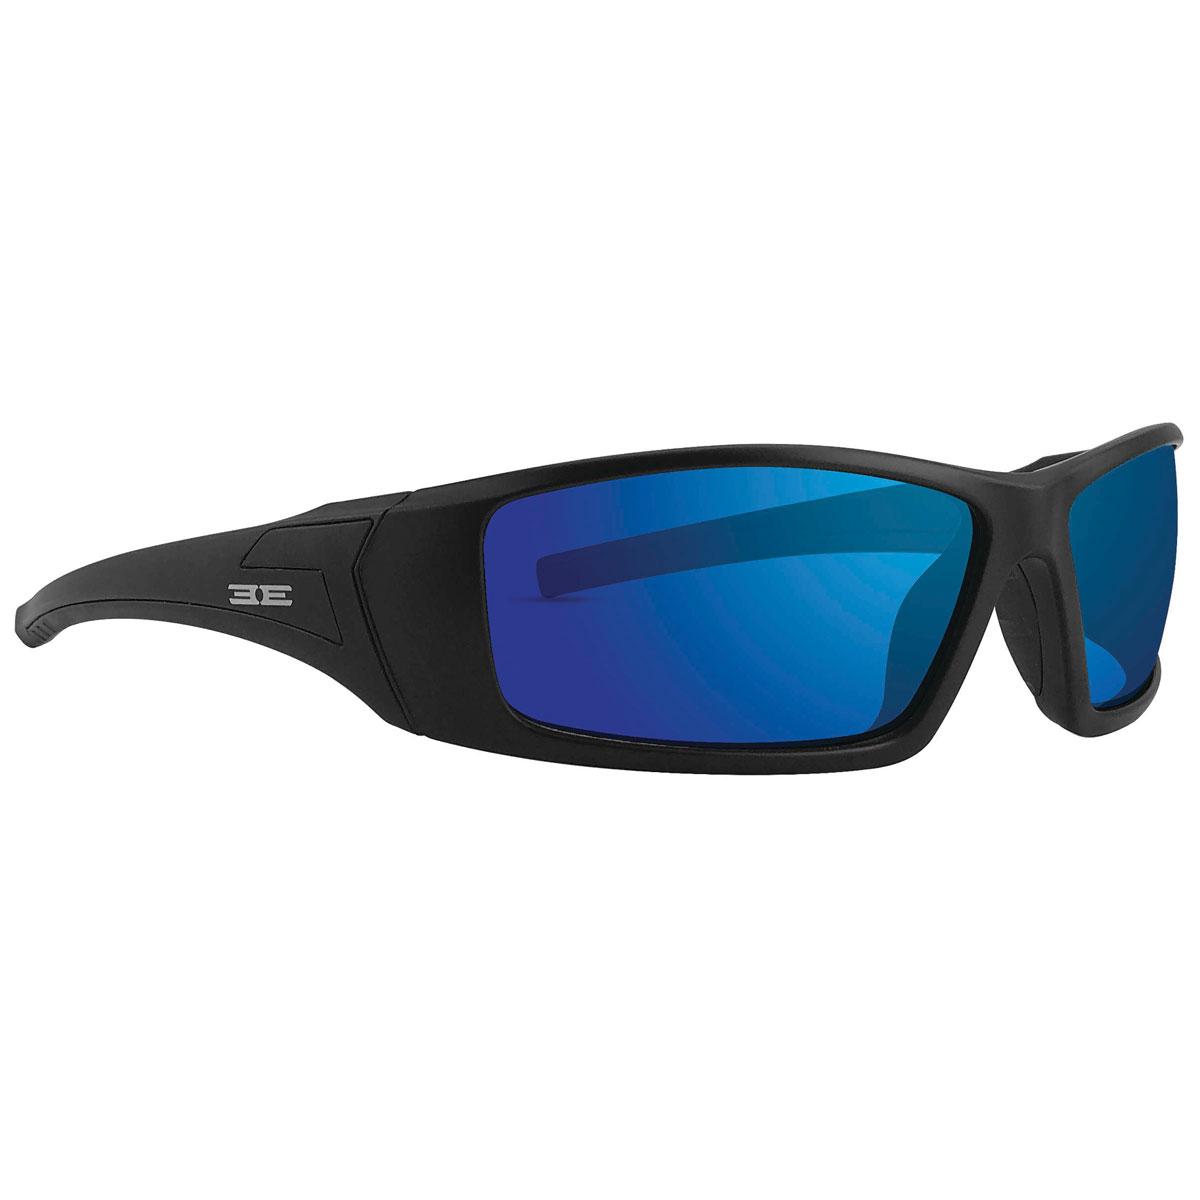 Epoch Eyewear Epoch 3 Sunglasses with Blue Mirror Lens